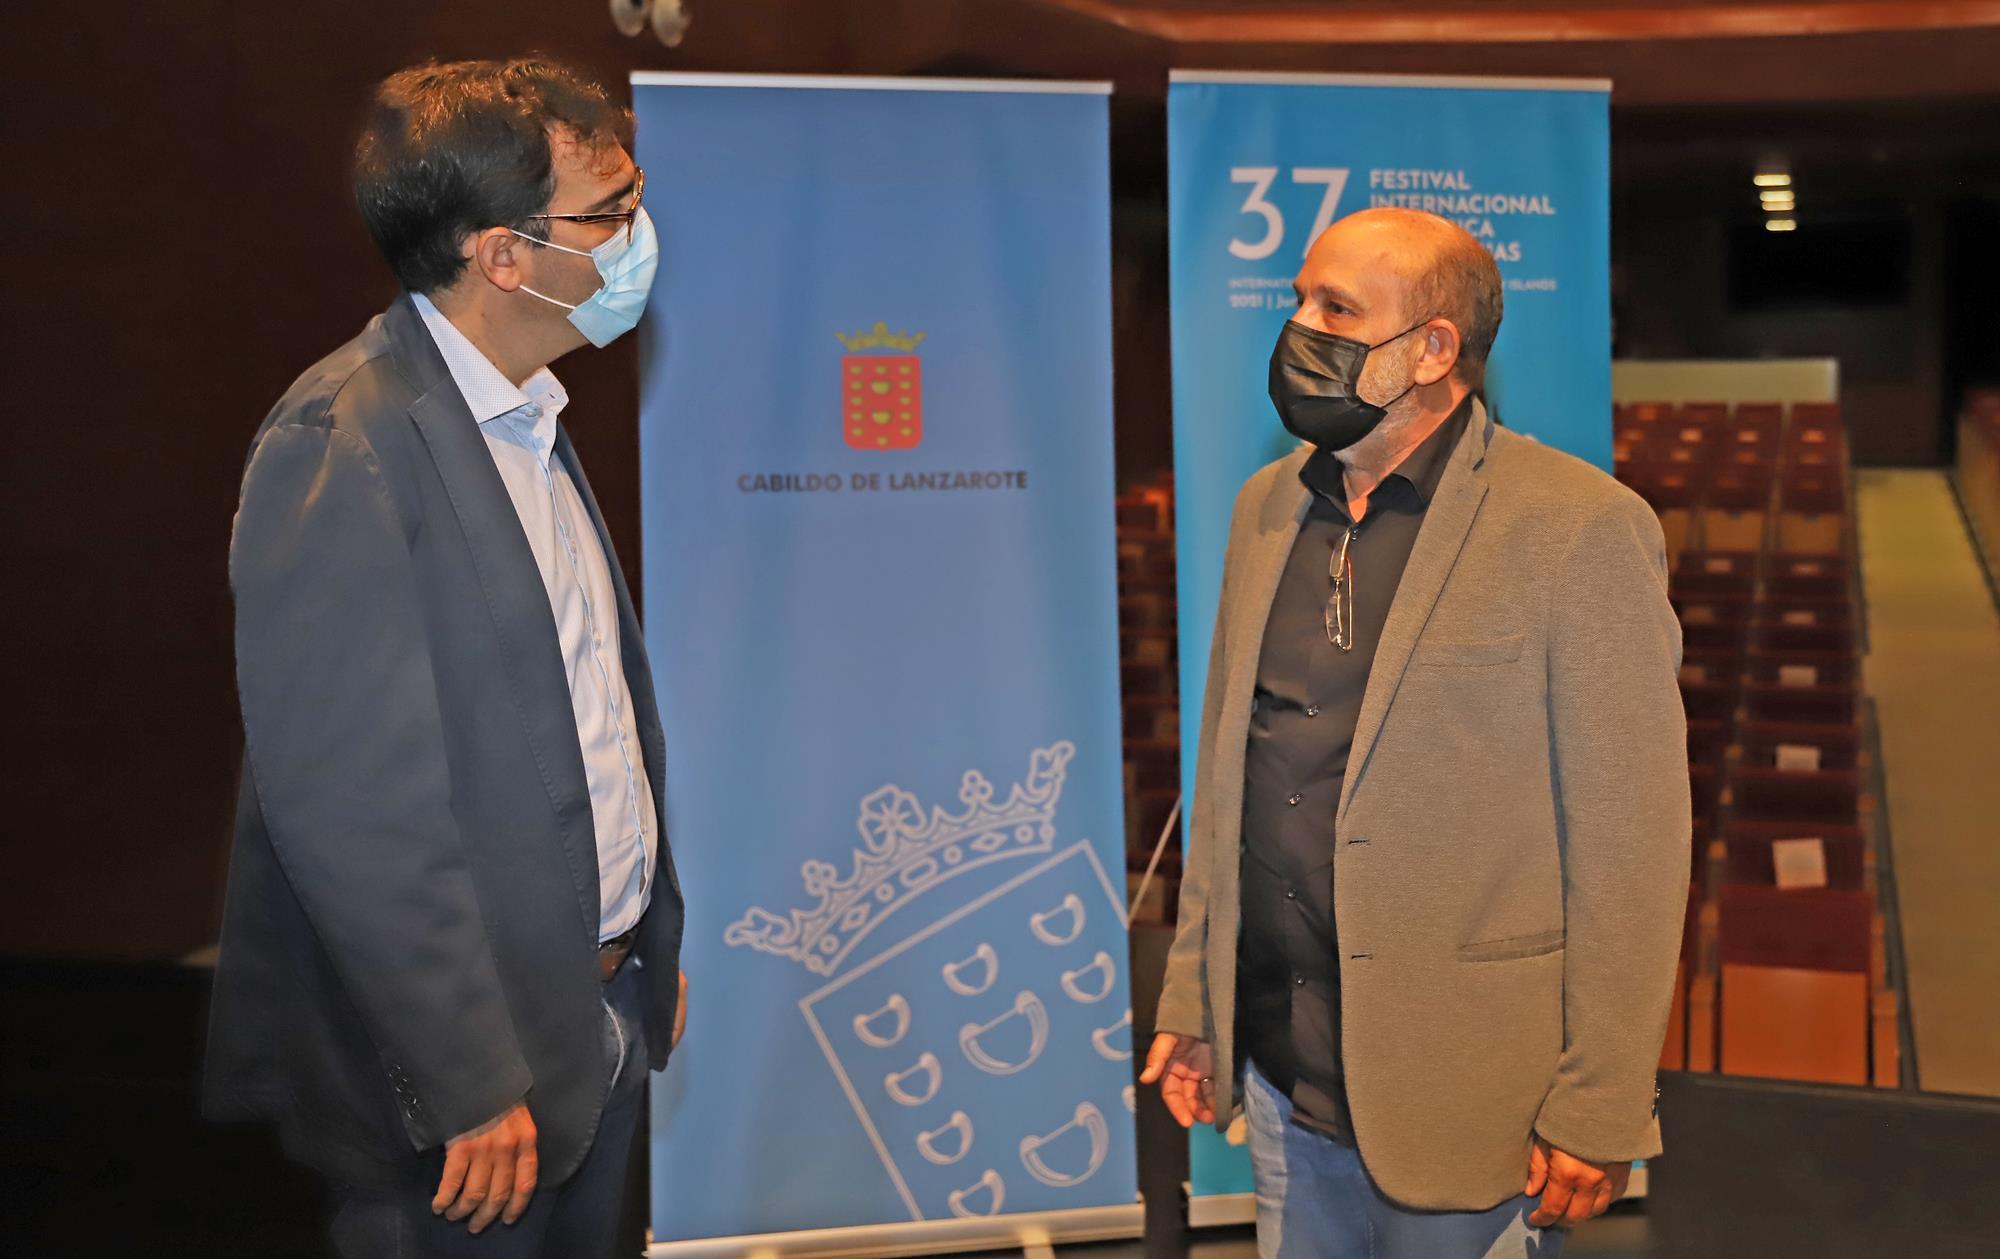 La 37º edición del Festival de Música de Canarias se desarrollará en Lanzarote y La Graciosa entre el 30 de junio y el 22 de julio